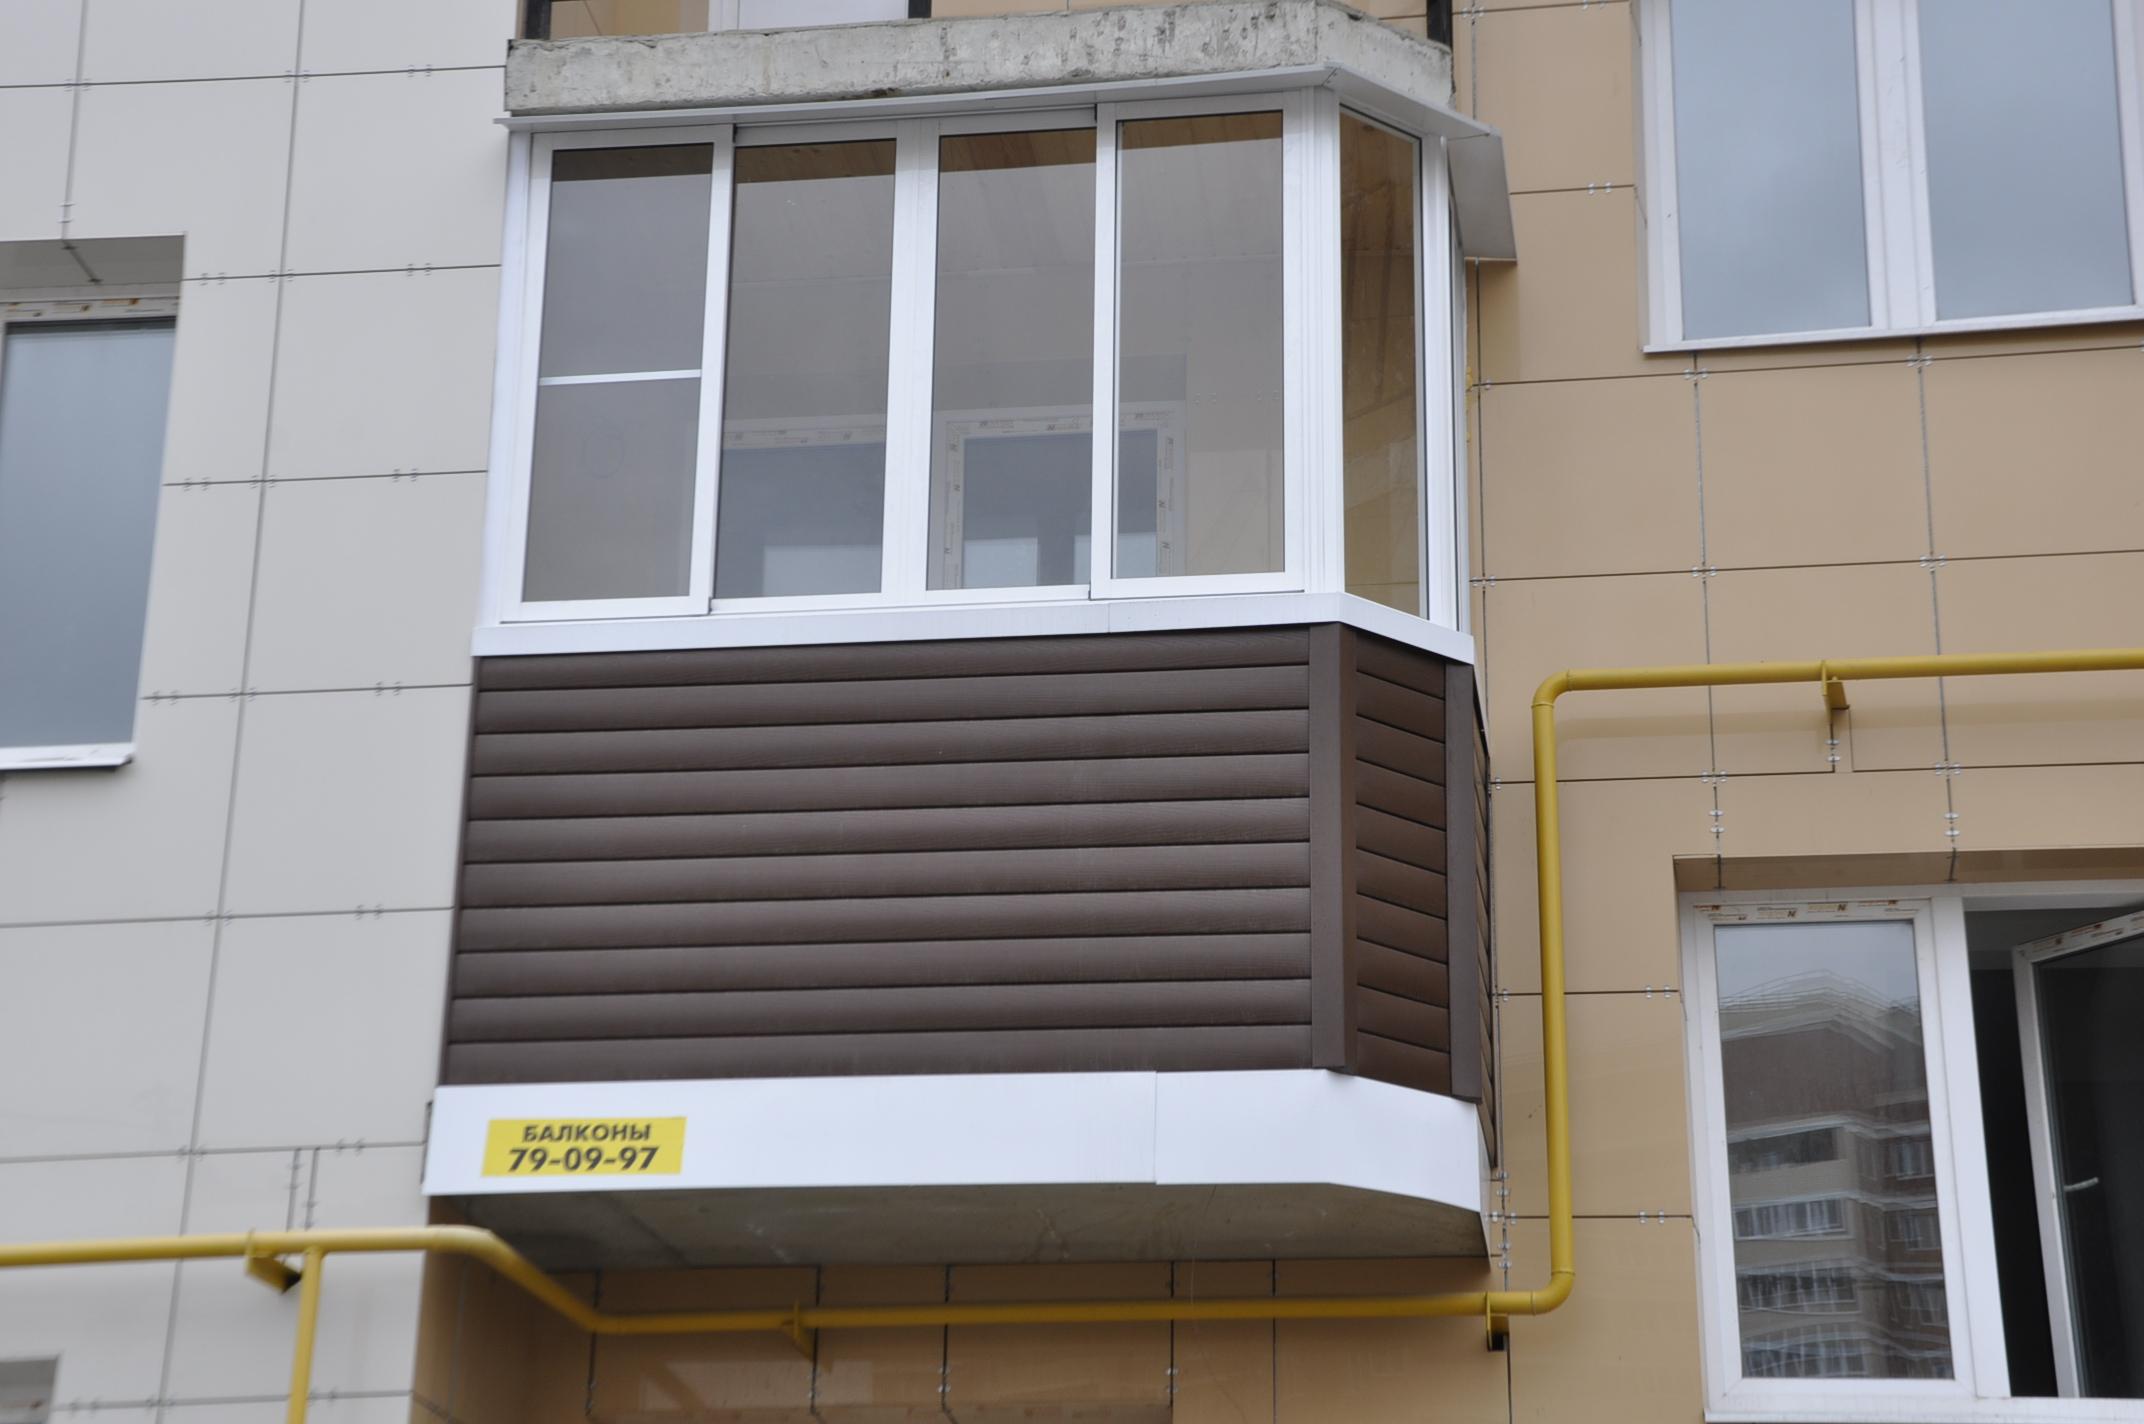 Евро балконы в туле - балконы лоджии окна.